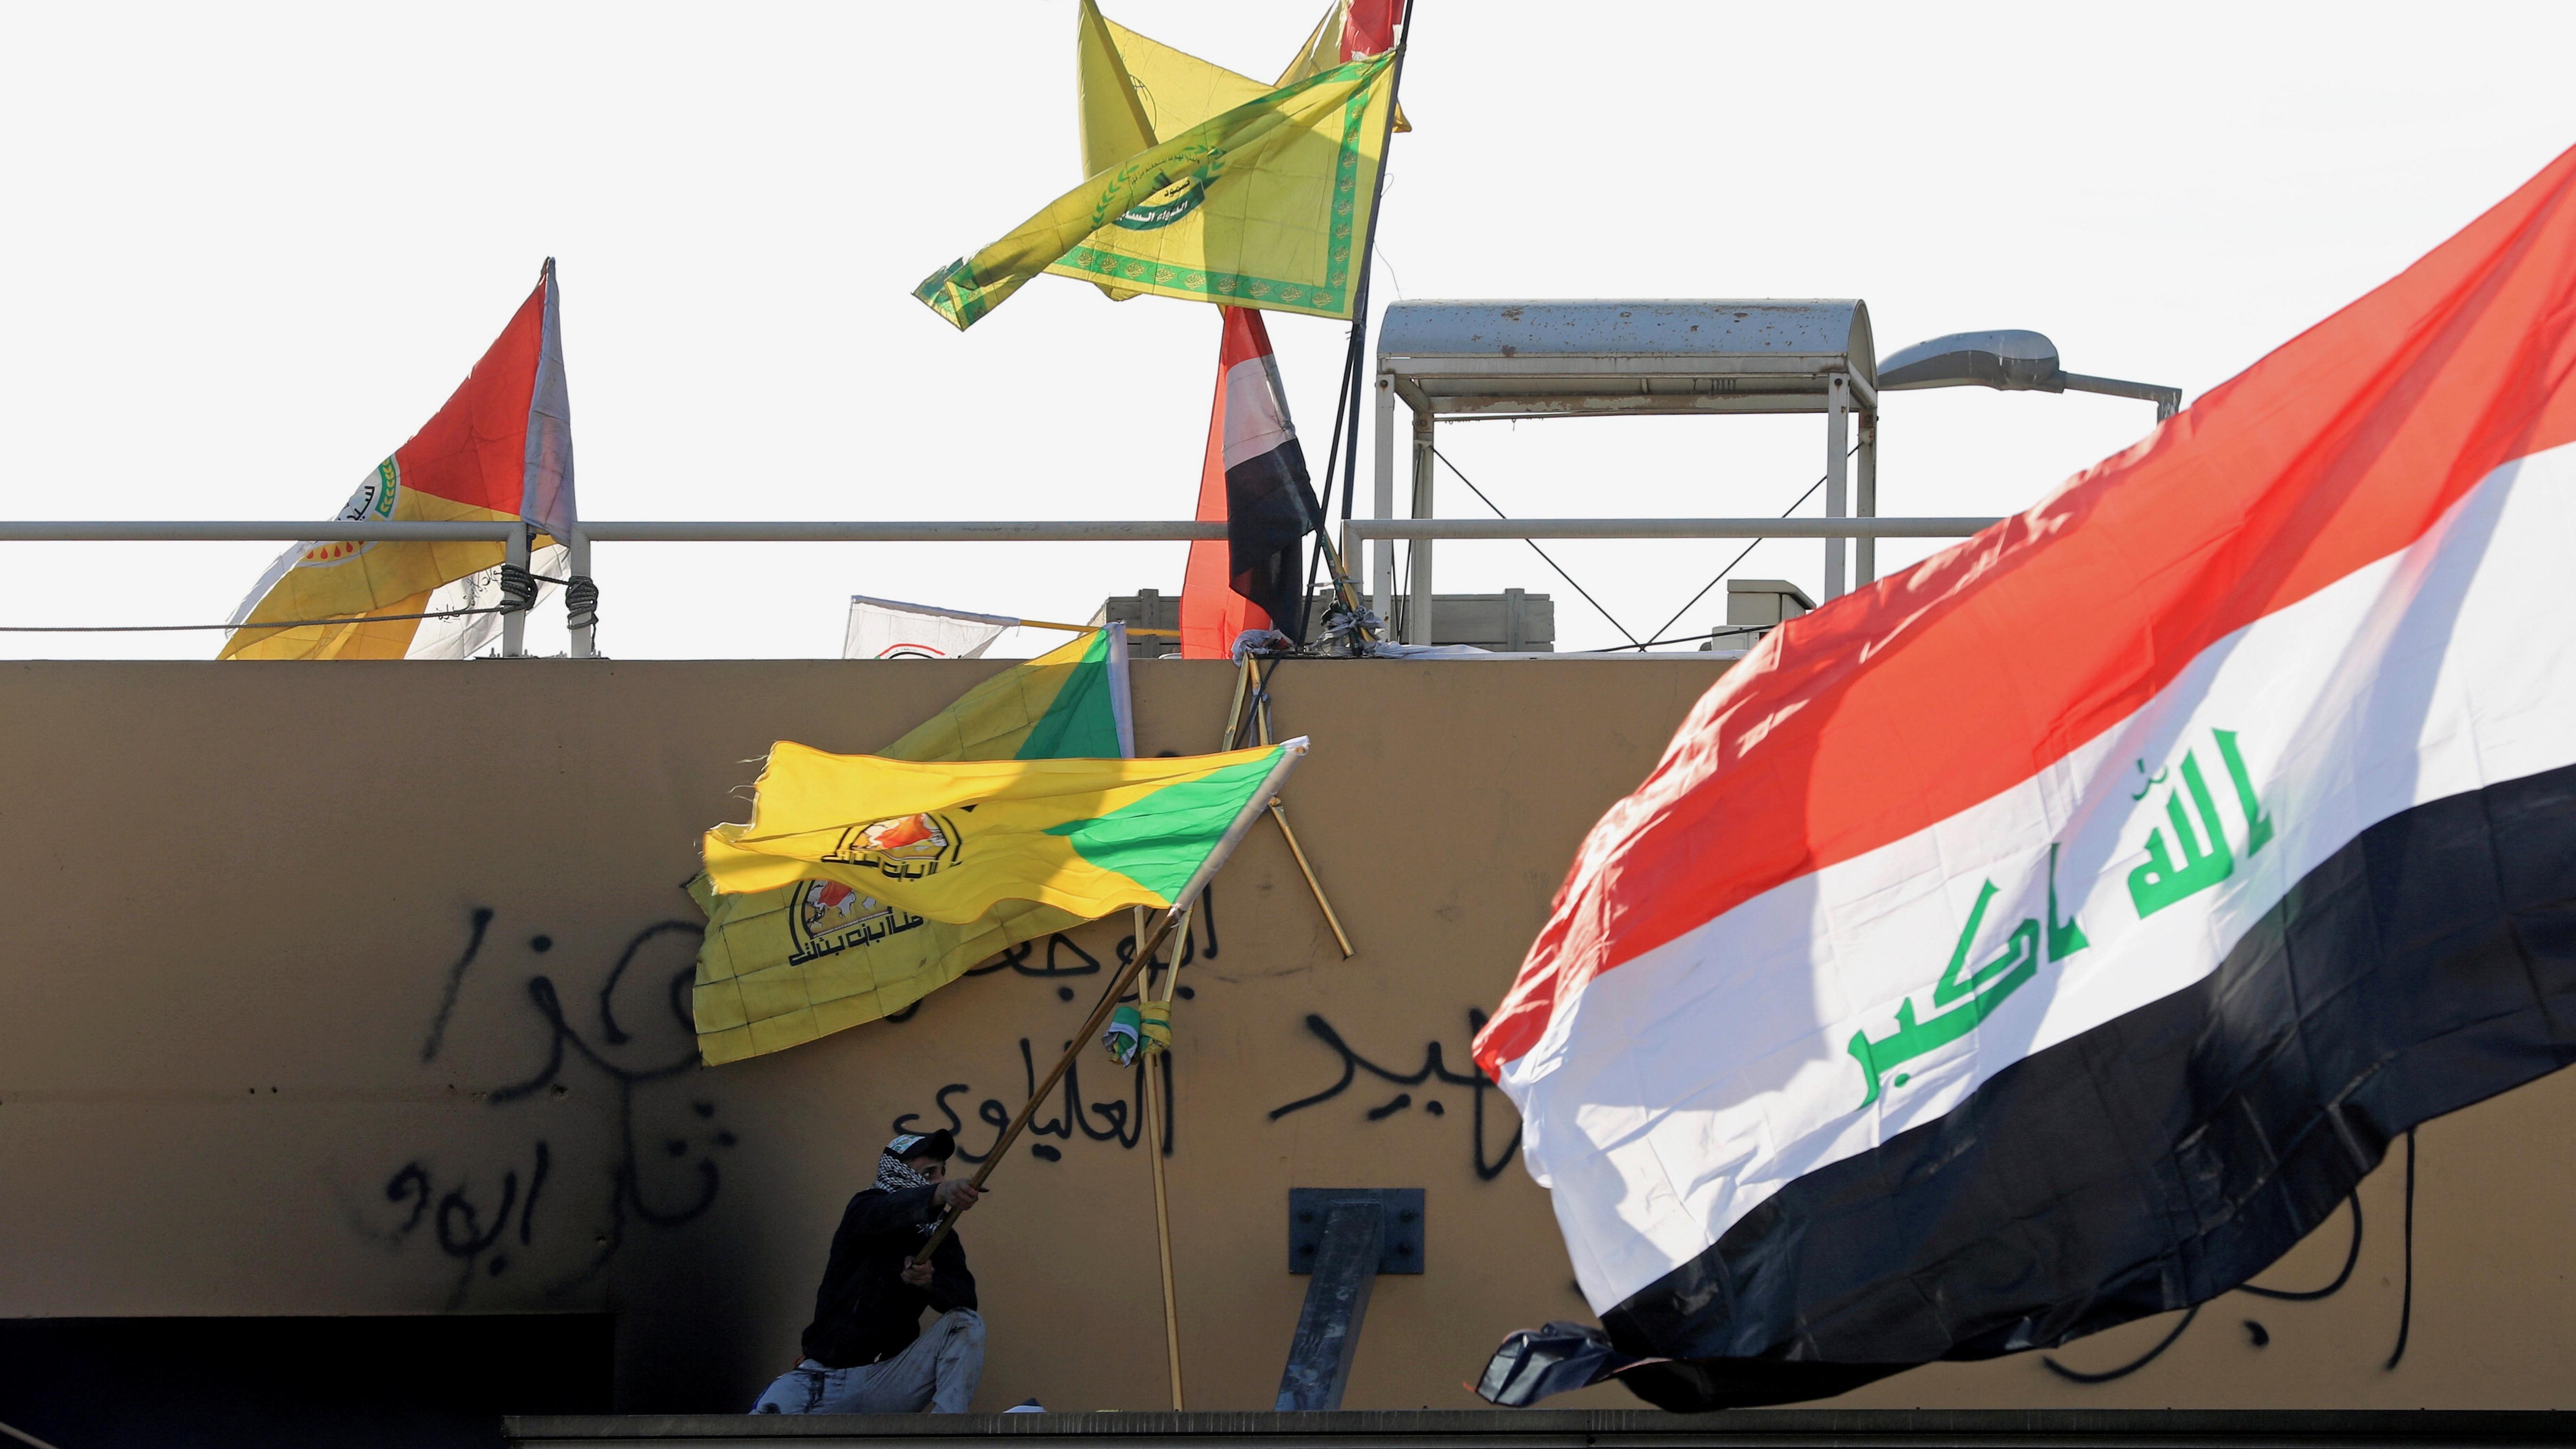 A member of Hashd al-Shaabi waves a flag